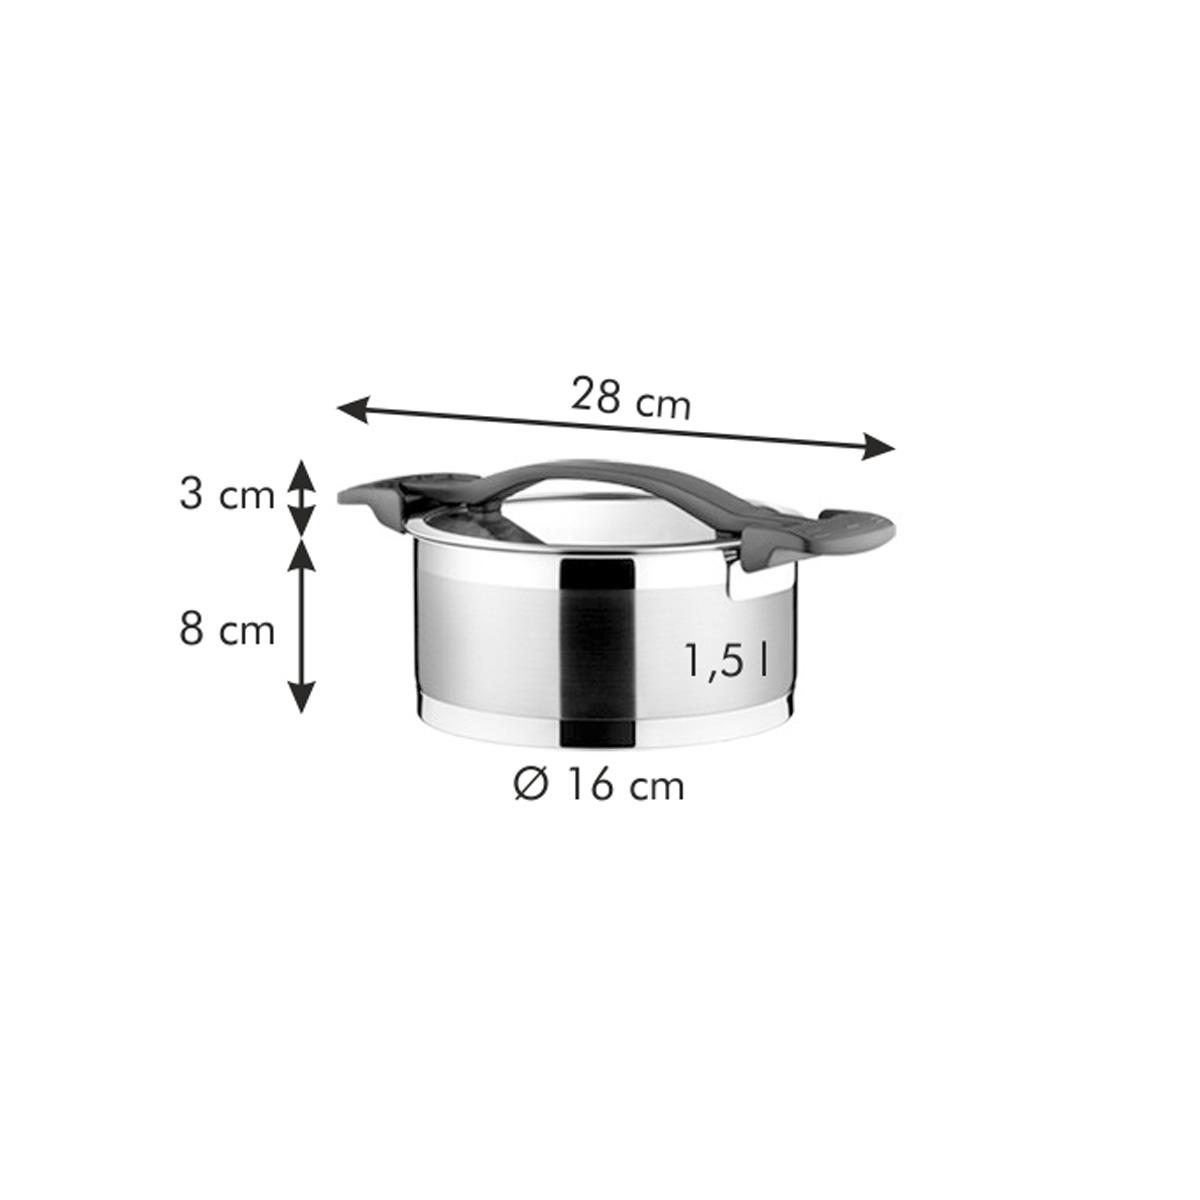 Kastrol ULTIMA s poklicí ø 16 cm, 1.5 l